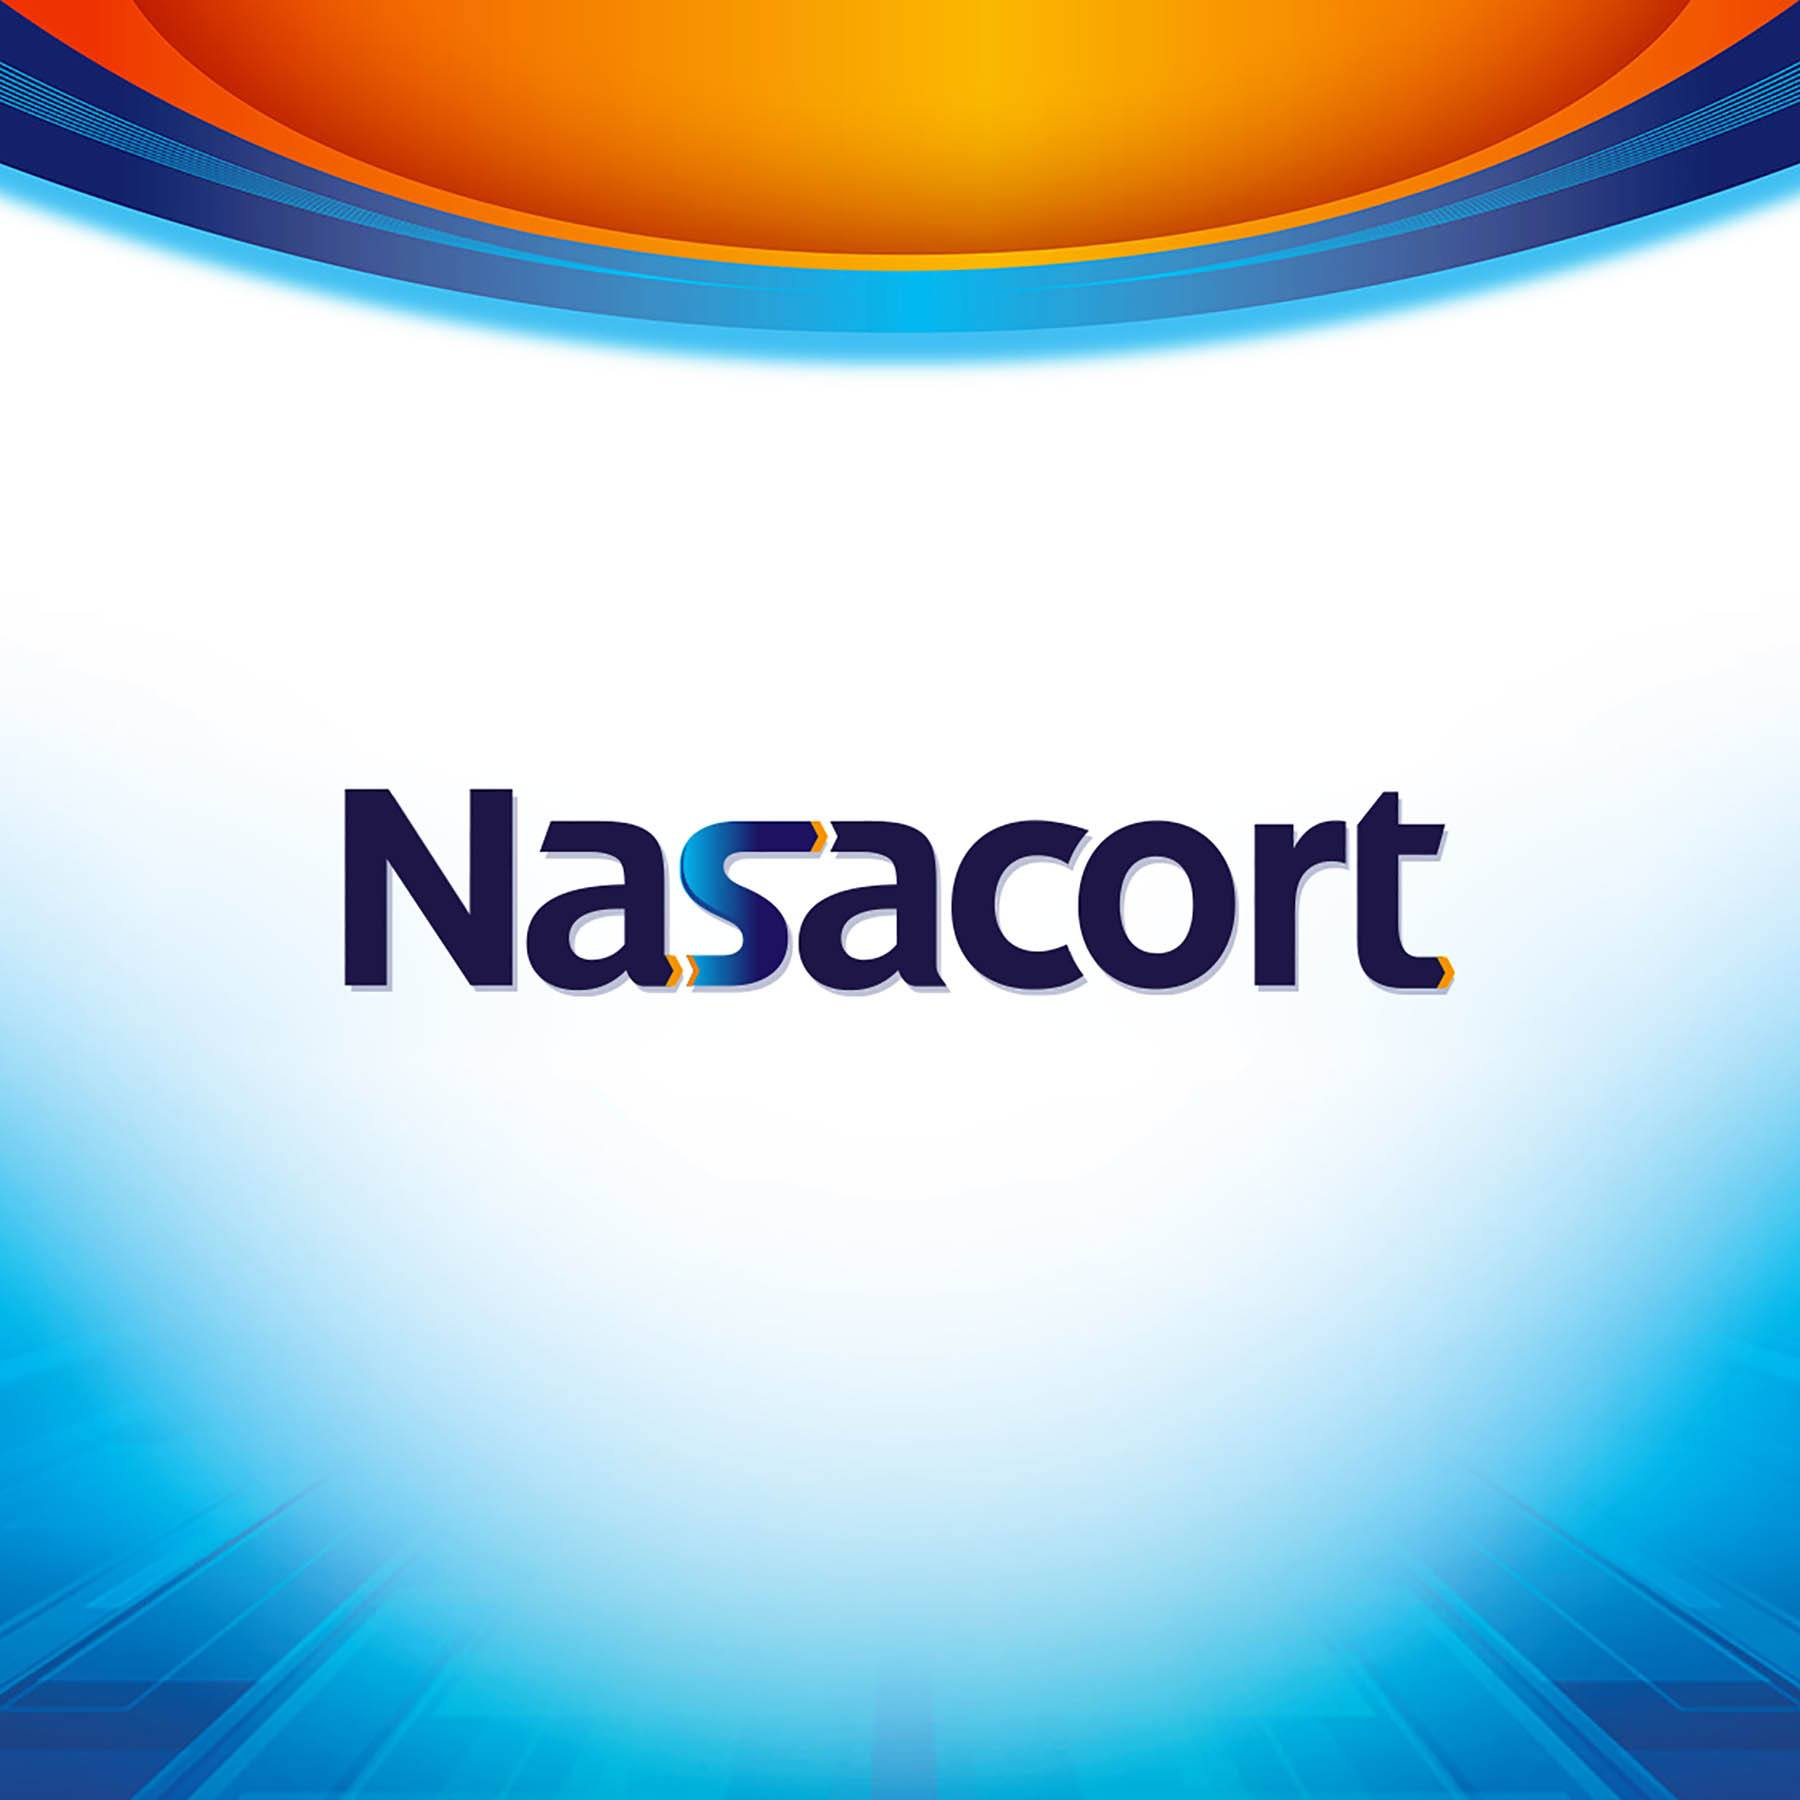 Nasacort Logo